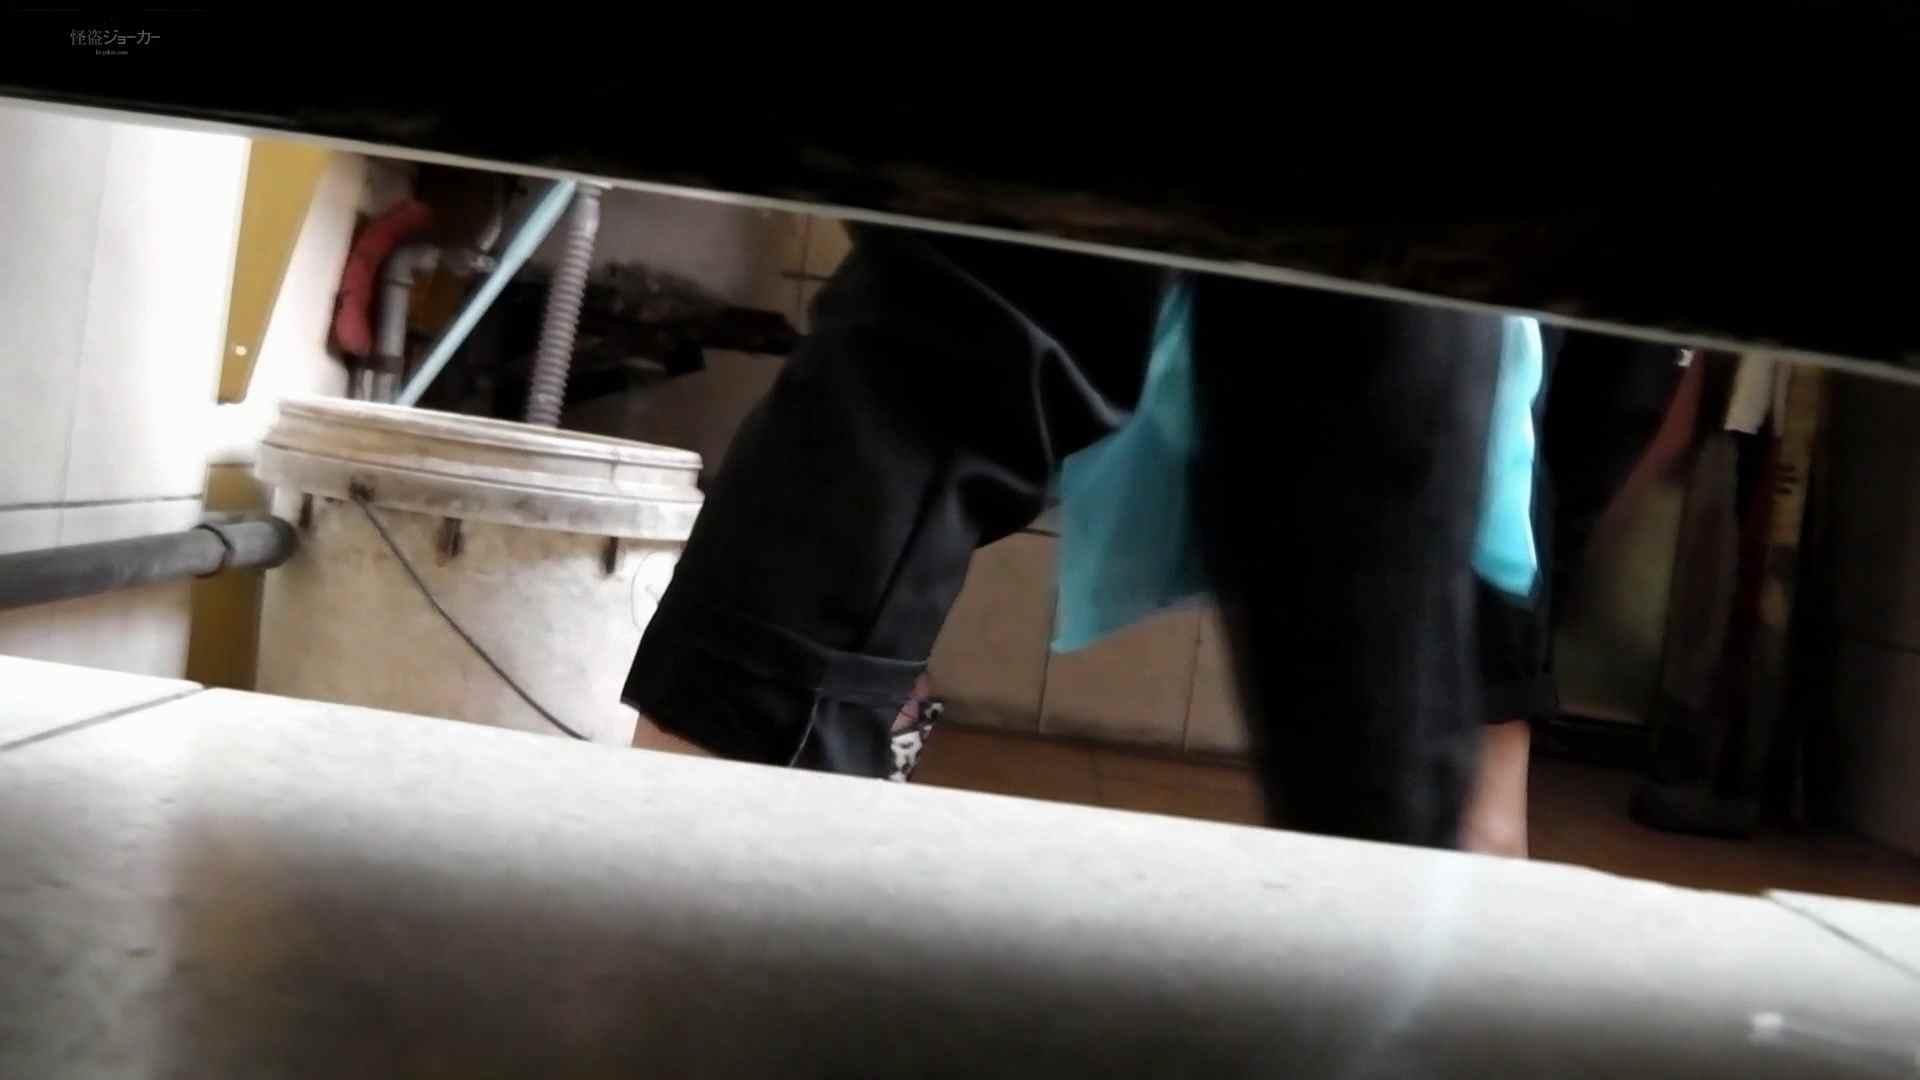 ステーション編 vol.26 壁を乗り越えたら絶景が待っていた!! 洗面所のぞき エロ画像 94枚 83